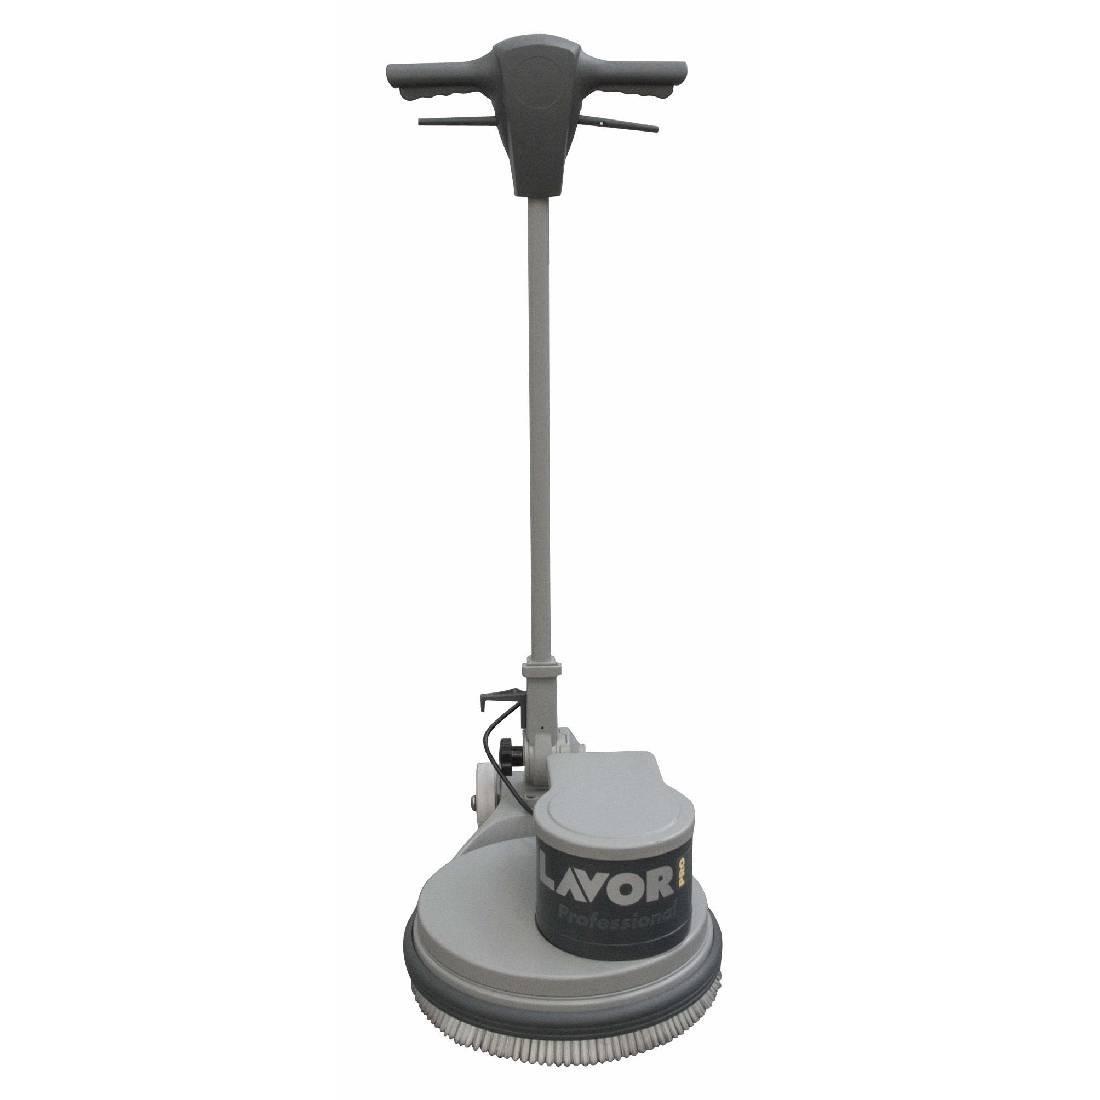 Поломоечная машина Lavor Pro sdm 45g 16-130 цена